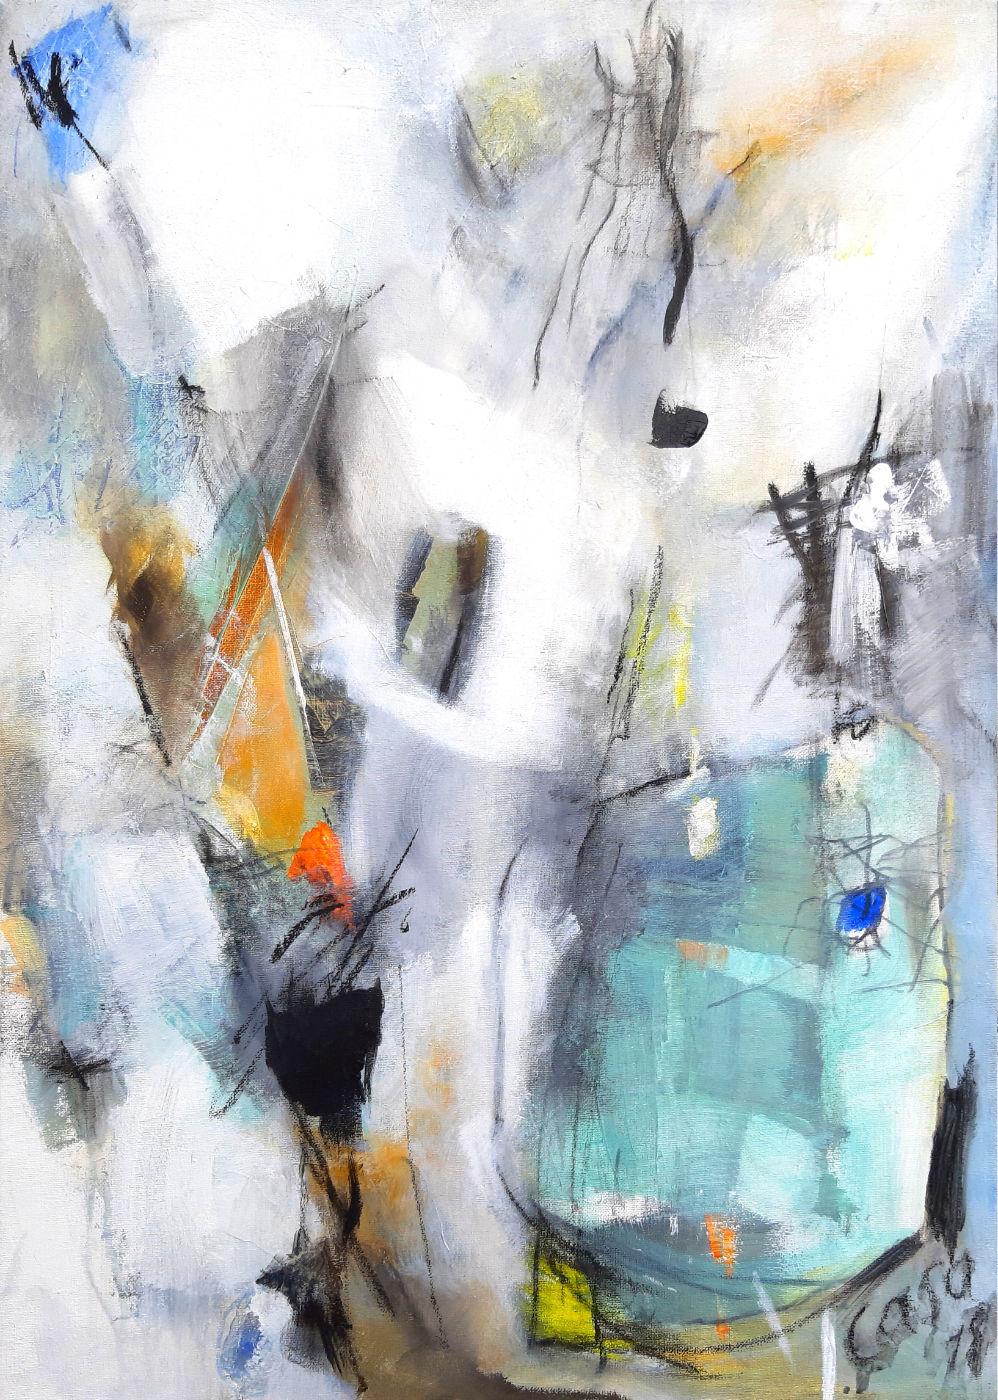 Hohe Stufen - Acryl mixed media auf Leinwand, 70x50cm